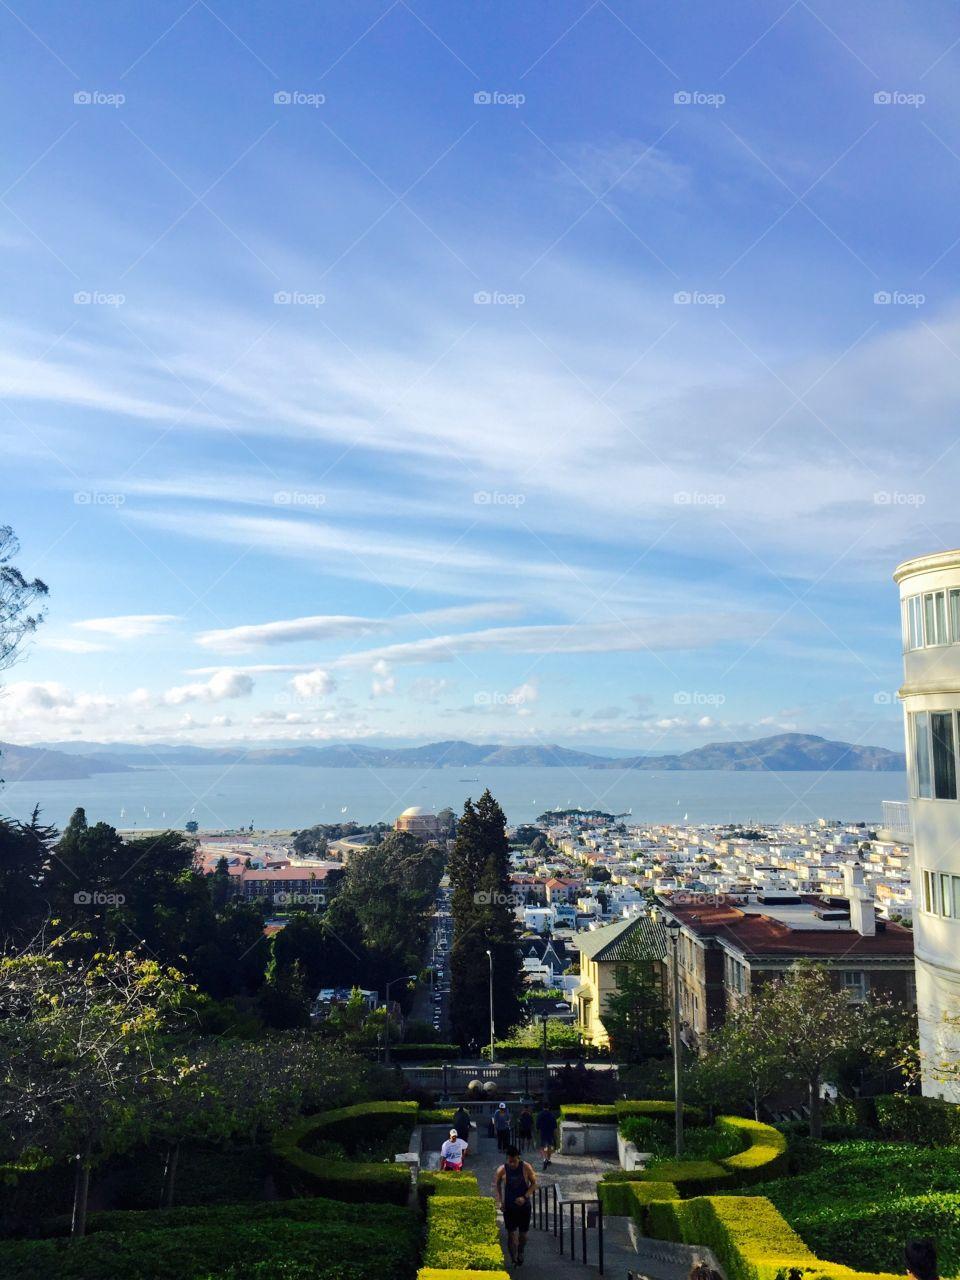 Edge of SF